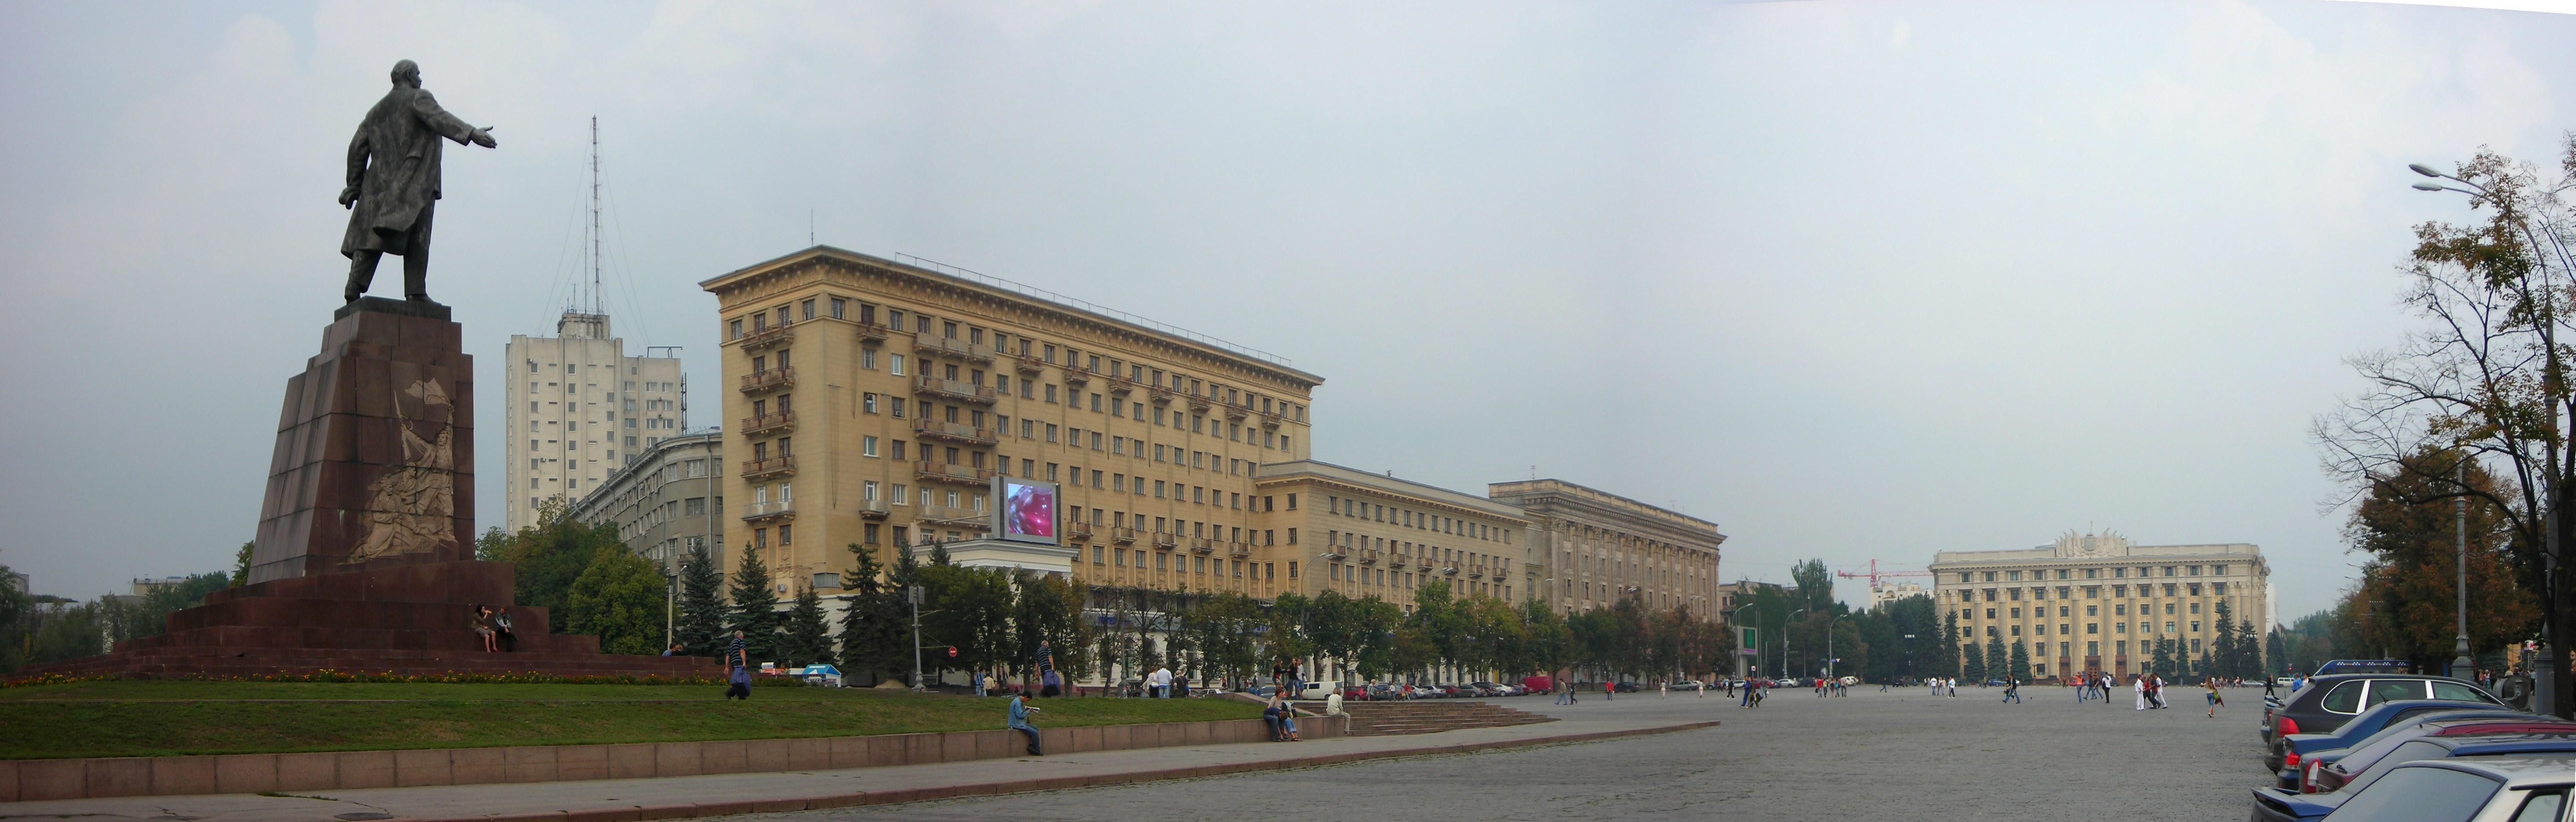 Свободу украини фото 18 фотография